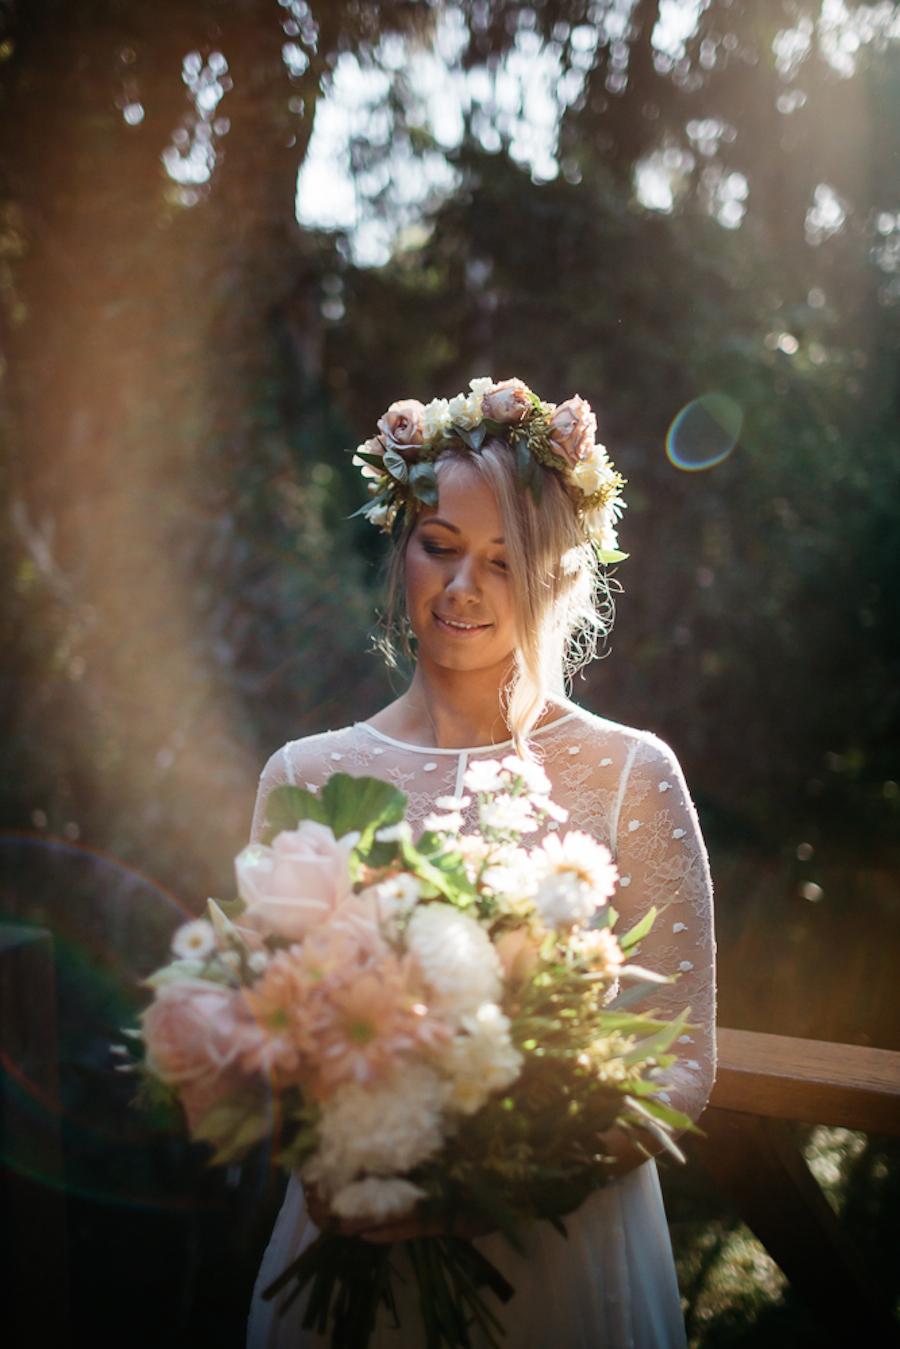 CC-The Bride